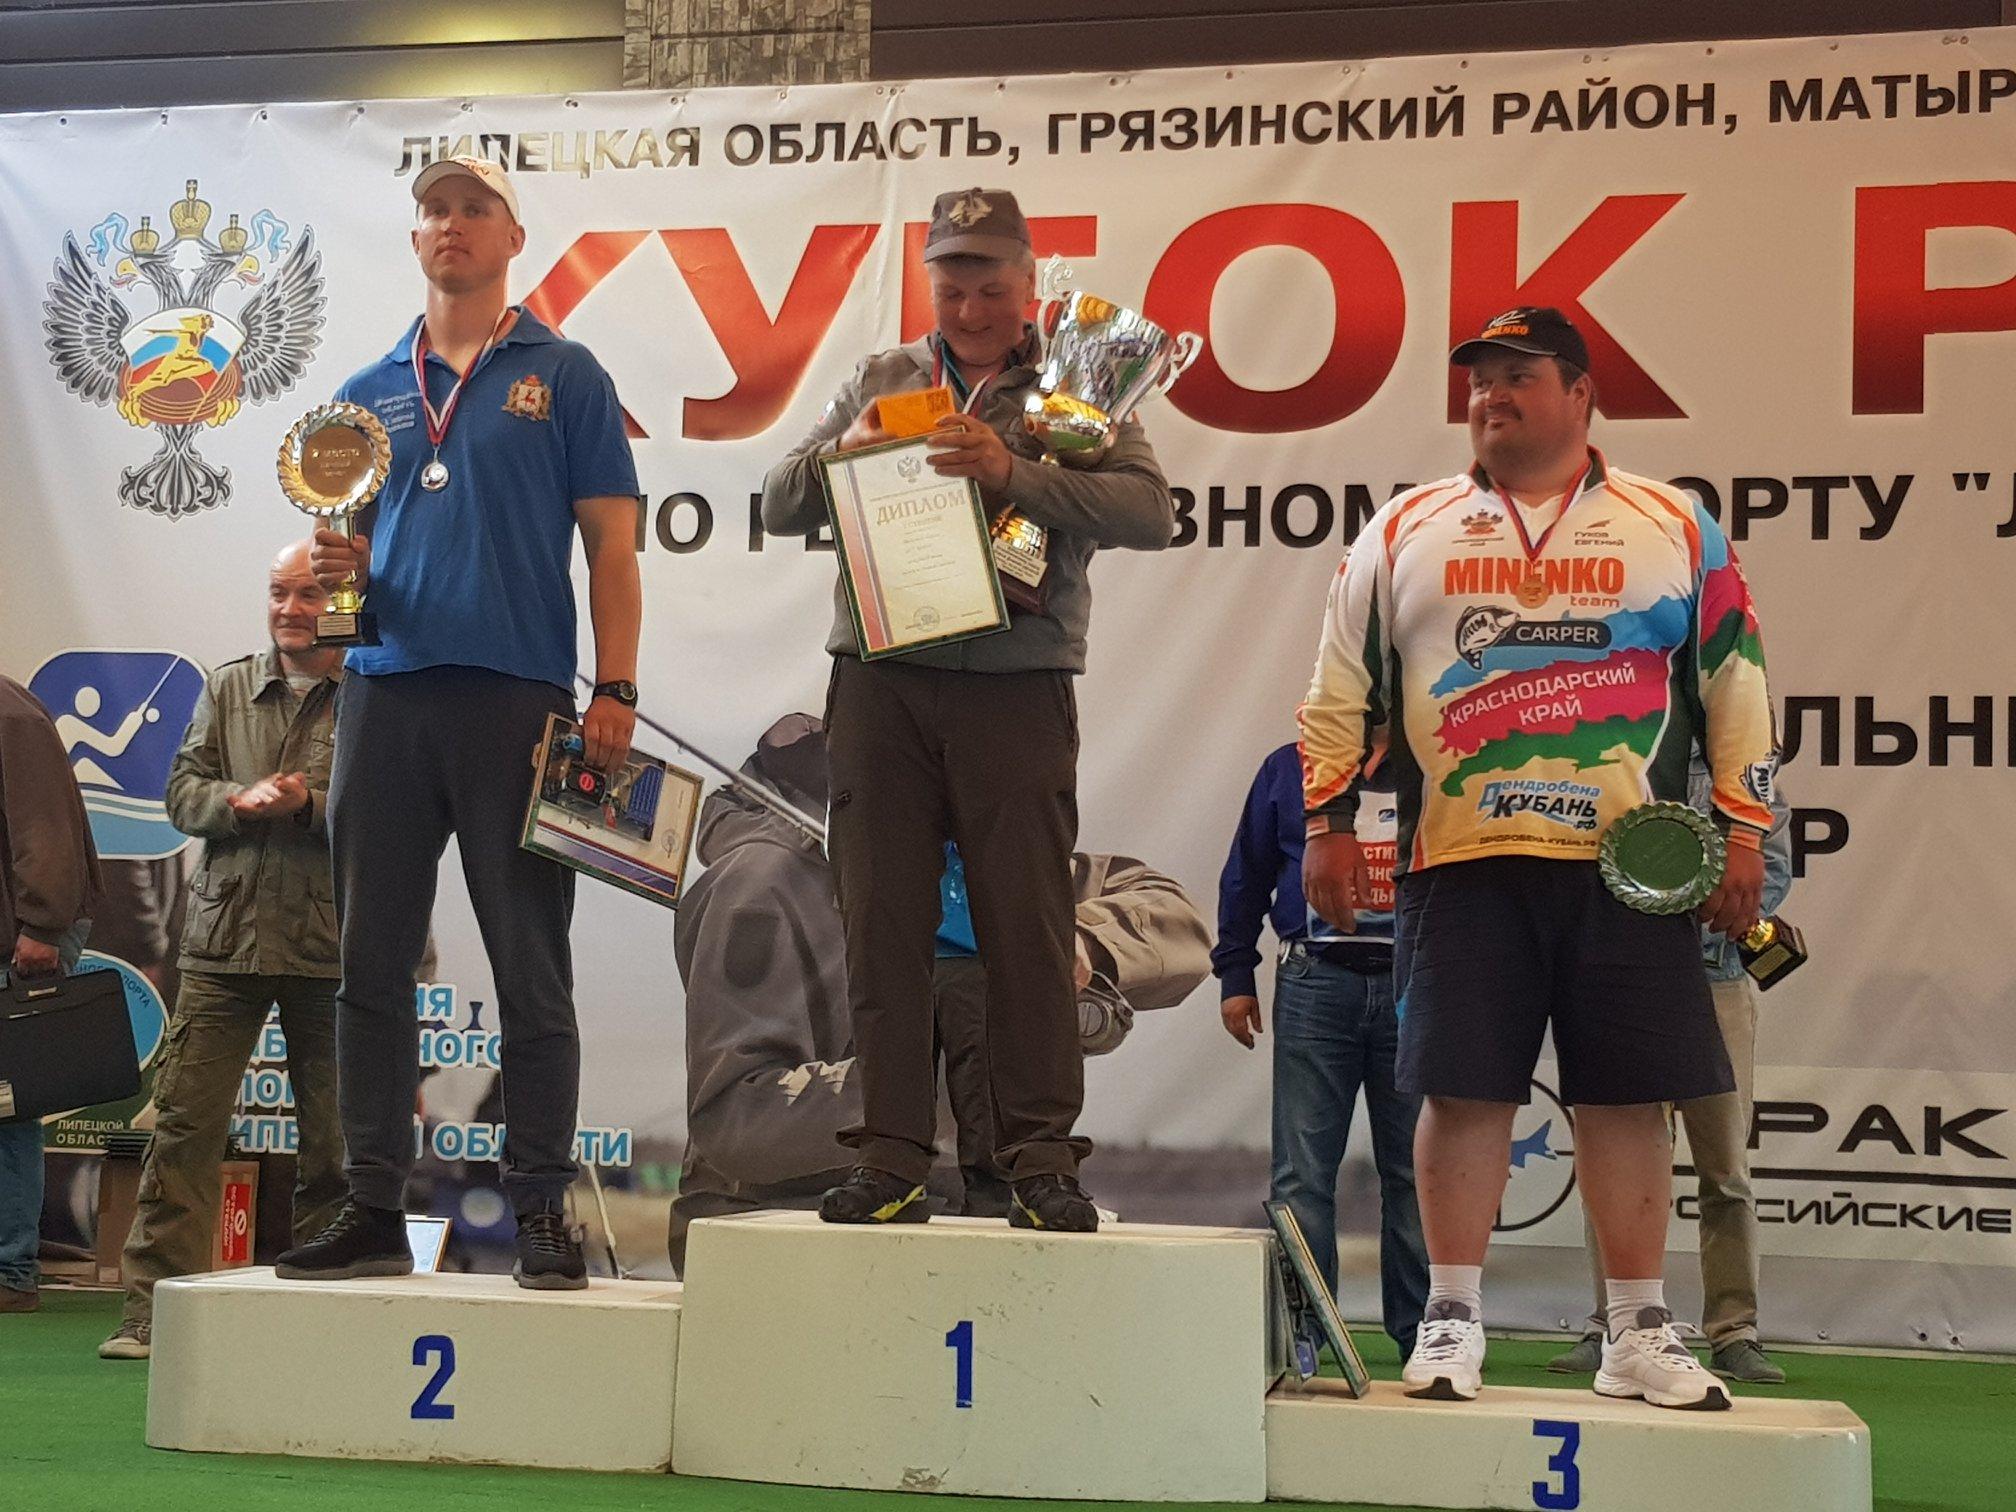 КУБОК РОССИИ - Команда Нижегородской области